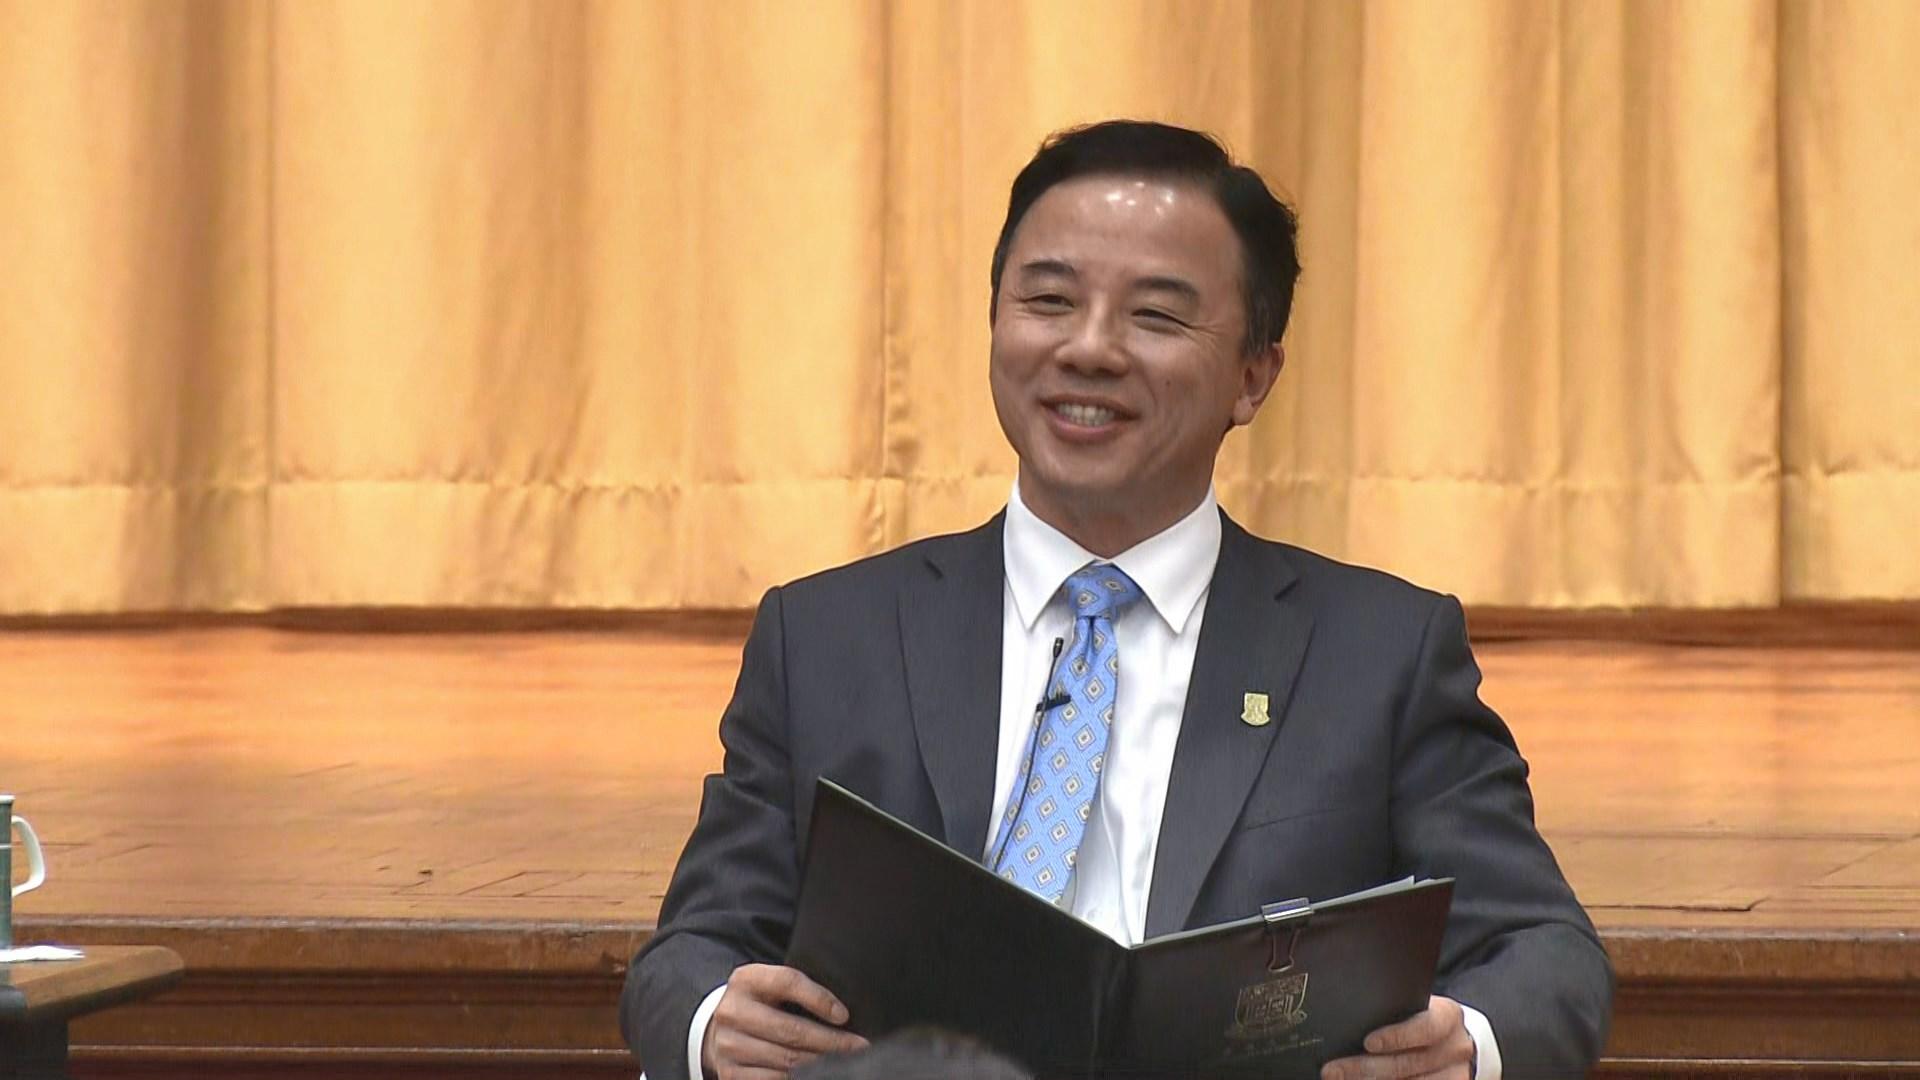 港大校長張翔出席論壇與師生交流